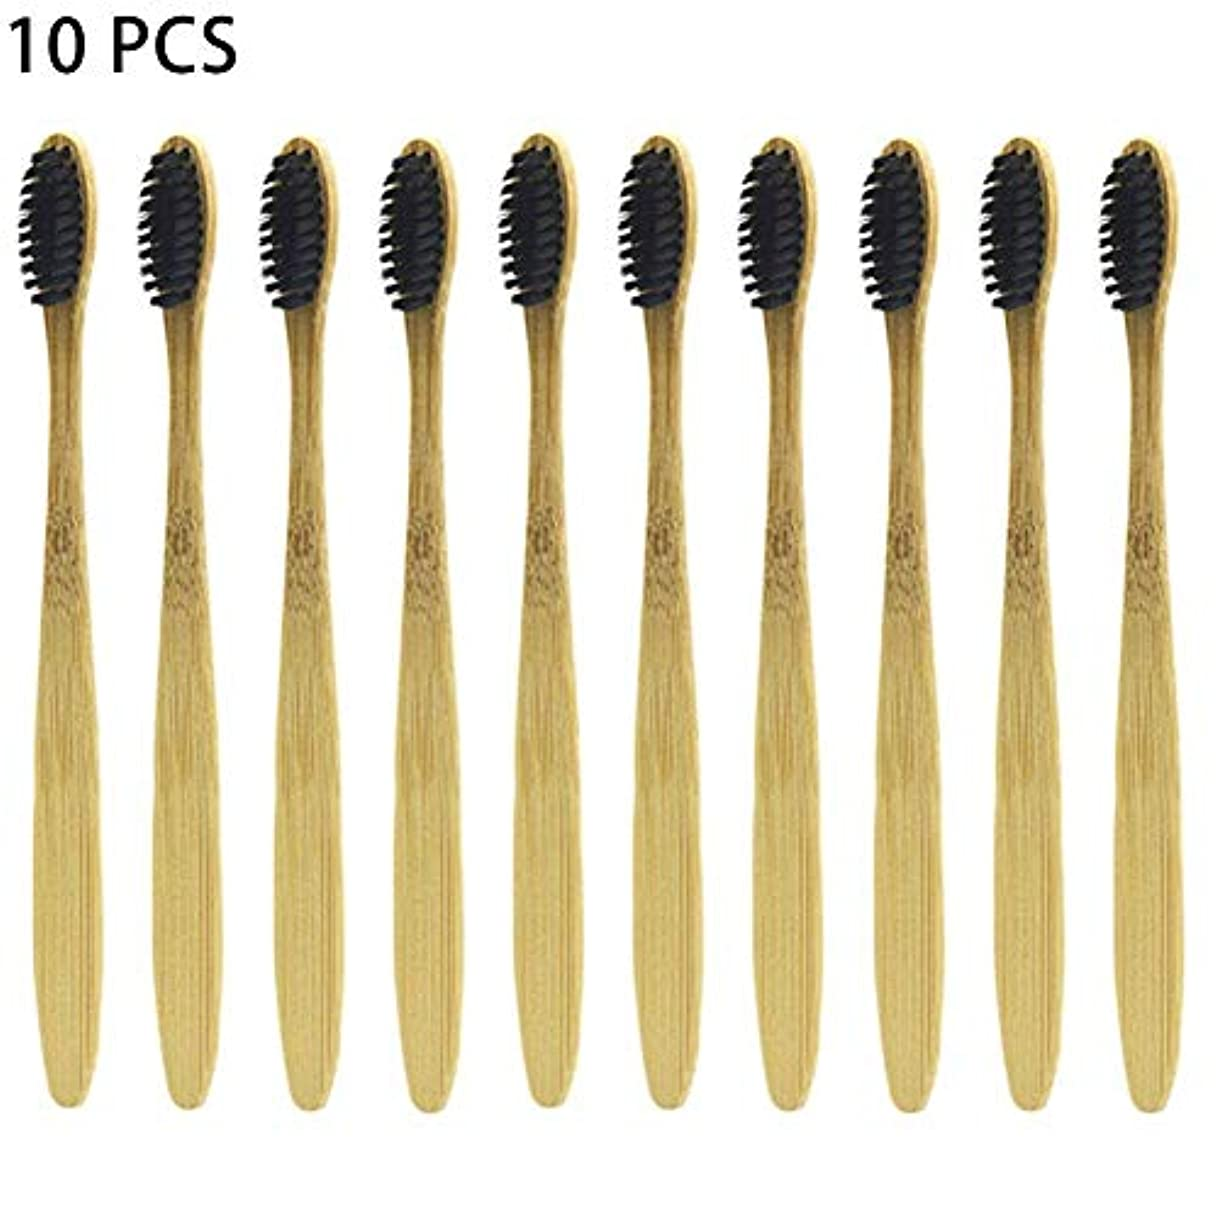 貧しい胸竜巻snowflake 歯ブラシ 10 PCS 竹歯ブラシ やわらかめ 超コンパクト 環境に優しい ソフトブレスト 清潔 軽量 携帯便利 旅行出張に最適 家族用 密度が多い 黒、カーキ 18 cm(ブラック) first-rate